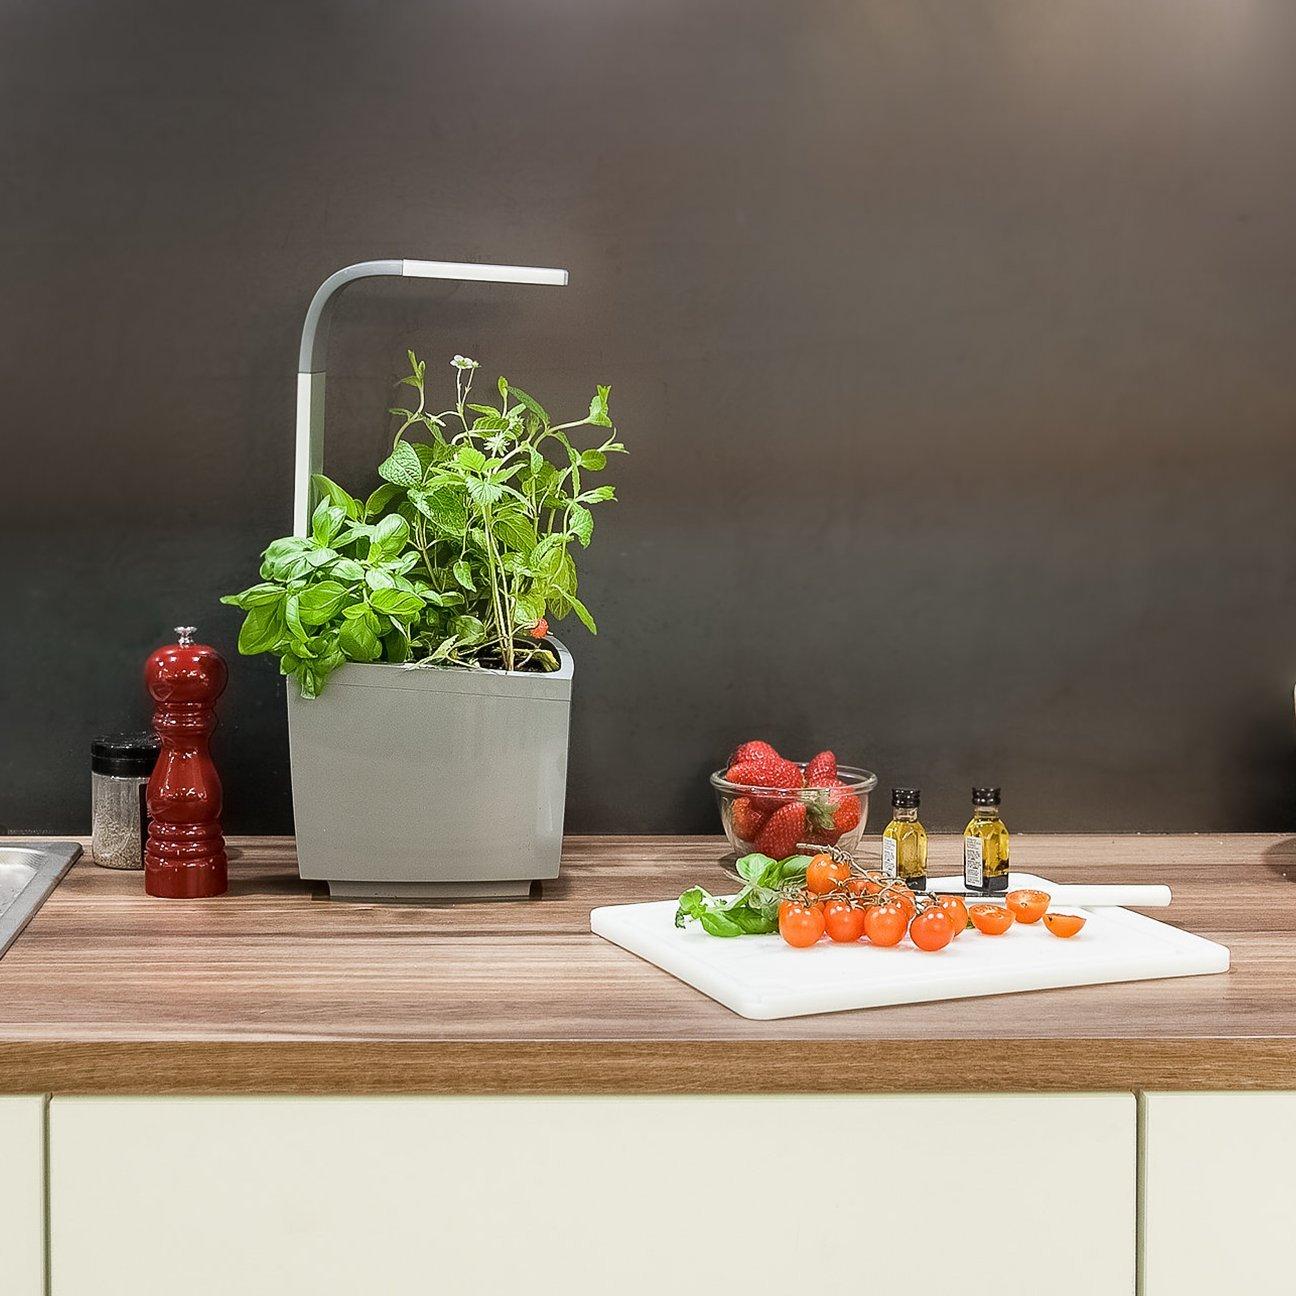 tregren t3 potager d 39 int rieur connect 3 plantes kit. Black Bedroom Furniture Sets. Home Design Ideas